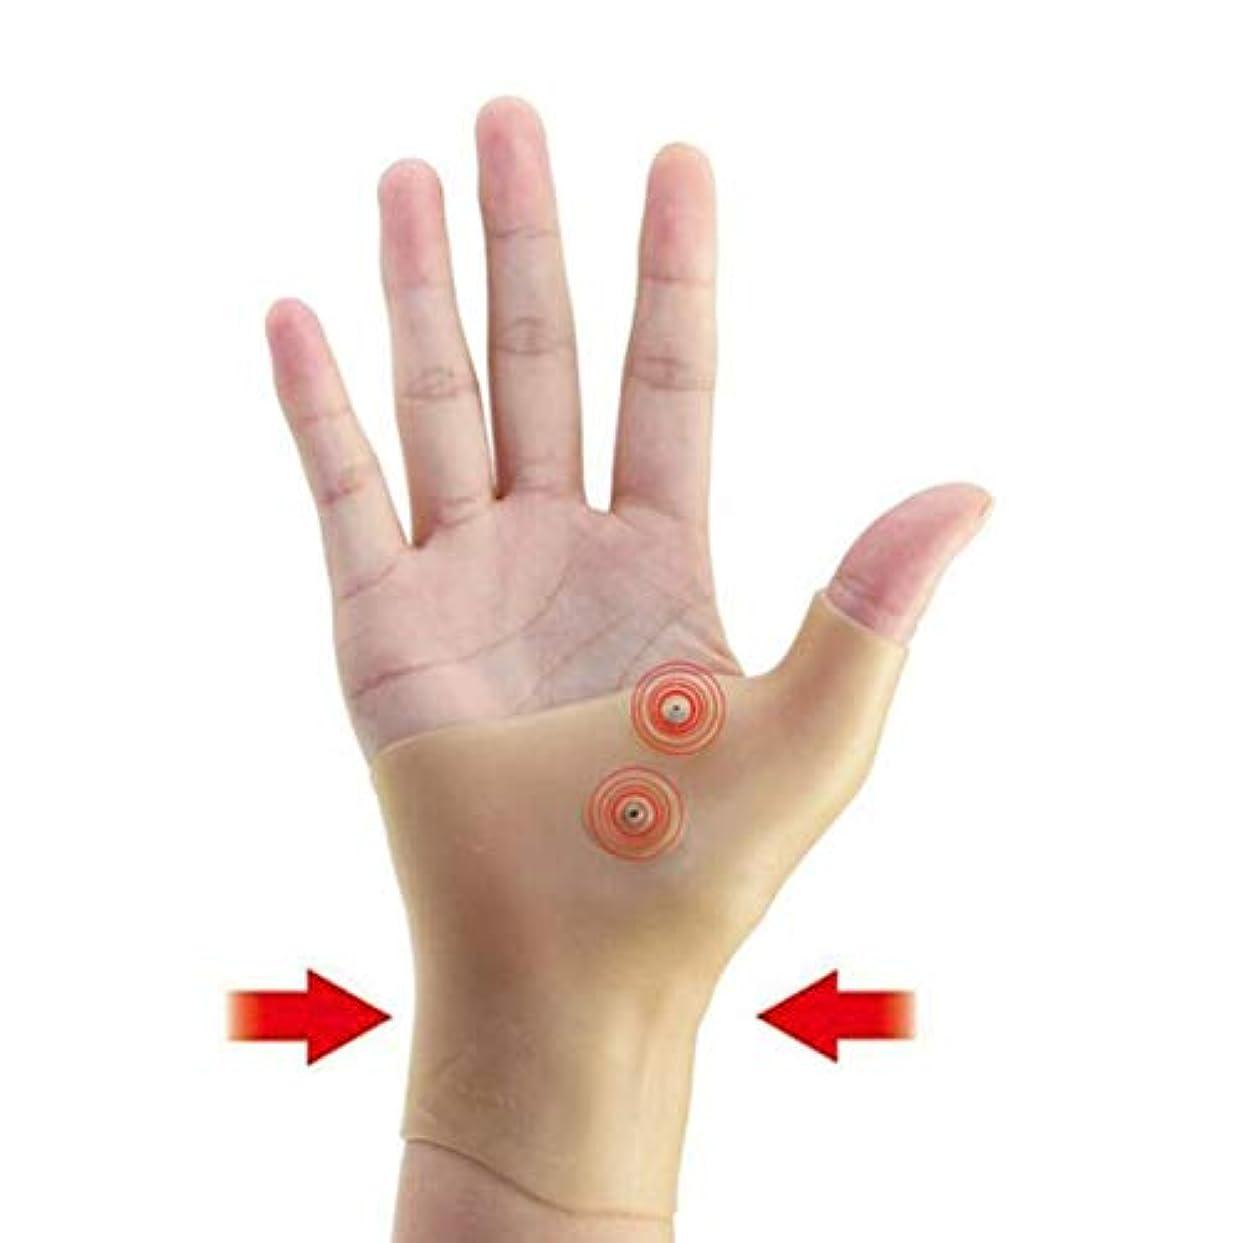 メガロポリス喪子音磁気療法手首手親指サポート手袋シリコーンゲル関節炎圧力矯正器マッサージ痛み緩和手袋 - 肌の色